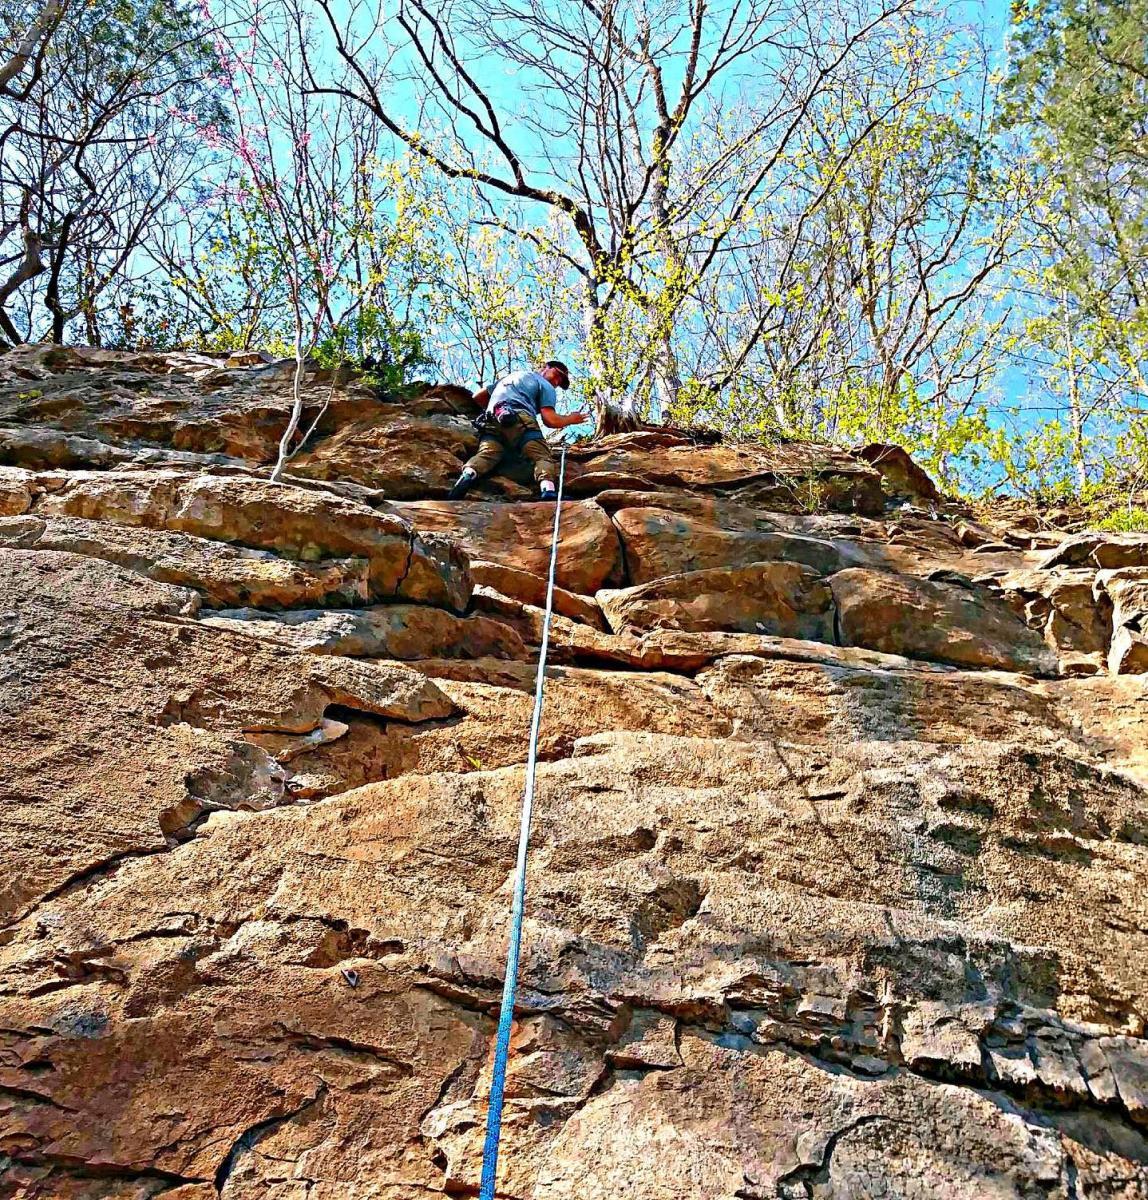 climber atop a rocky bluff